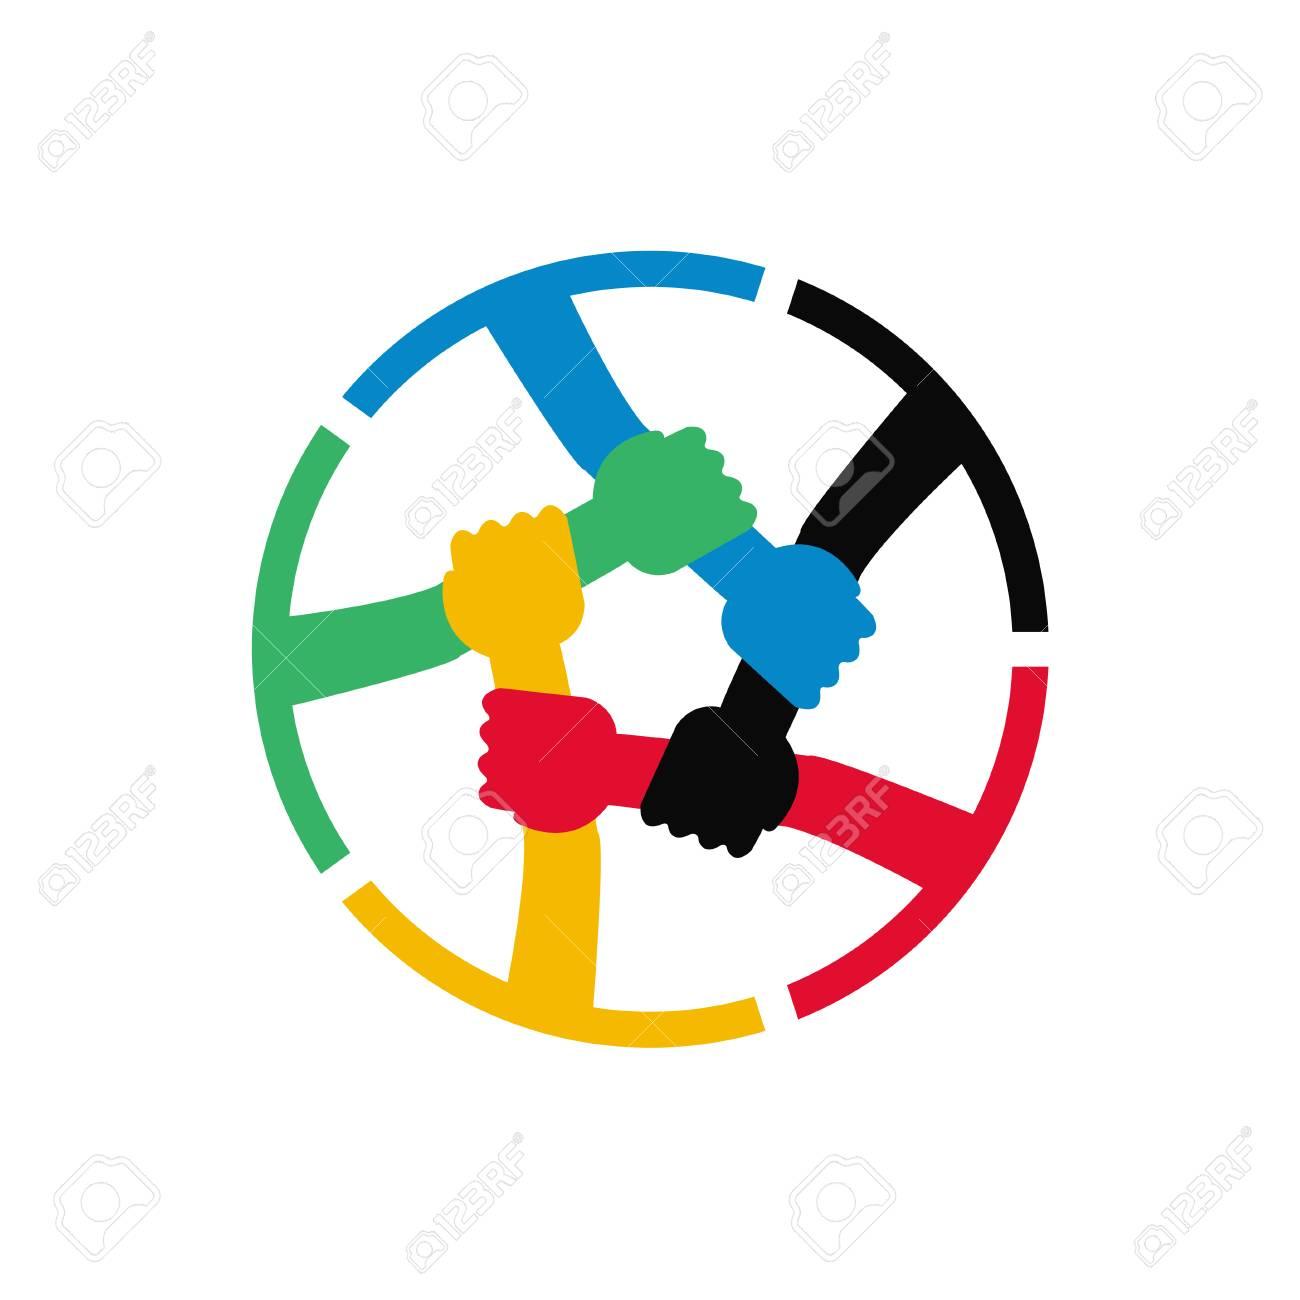 Teamwork Vector Icon - 110213111